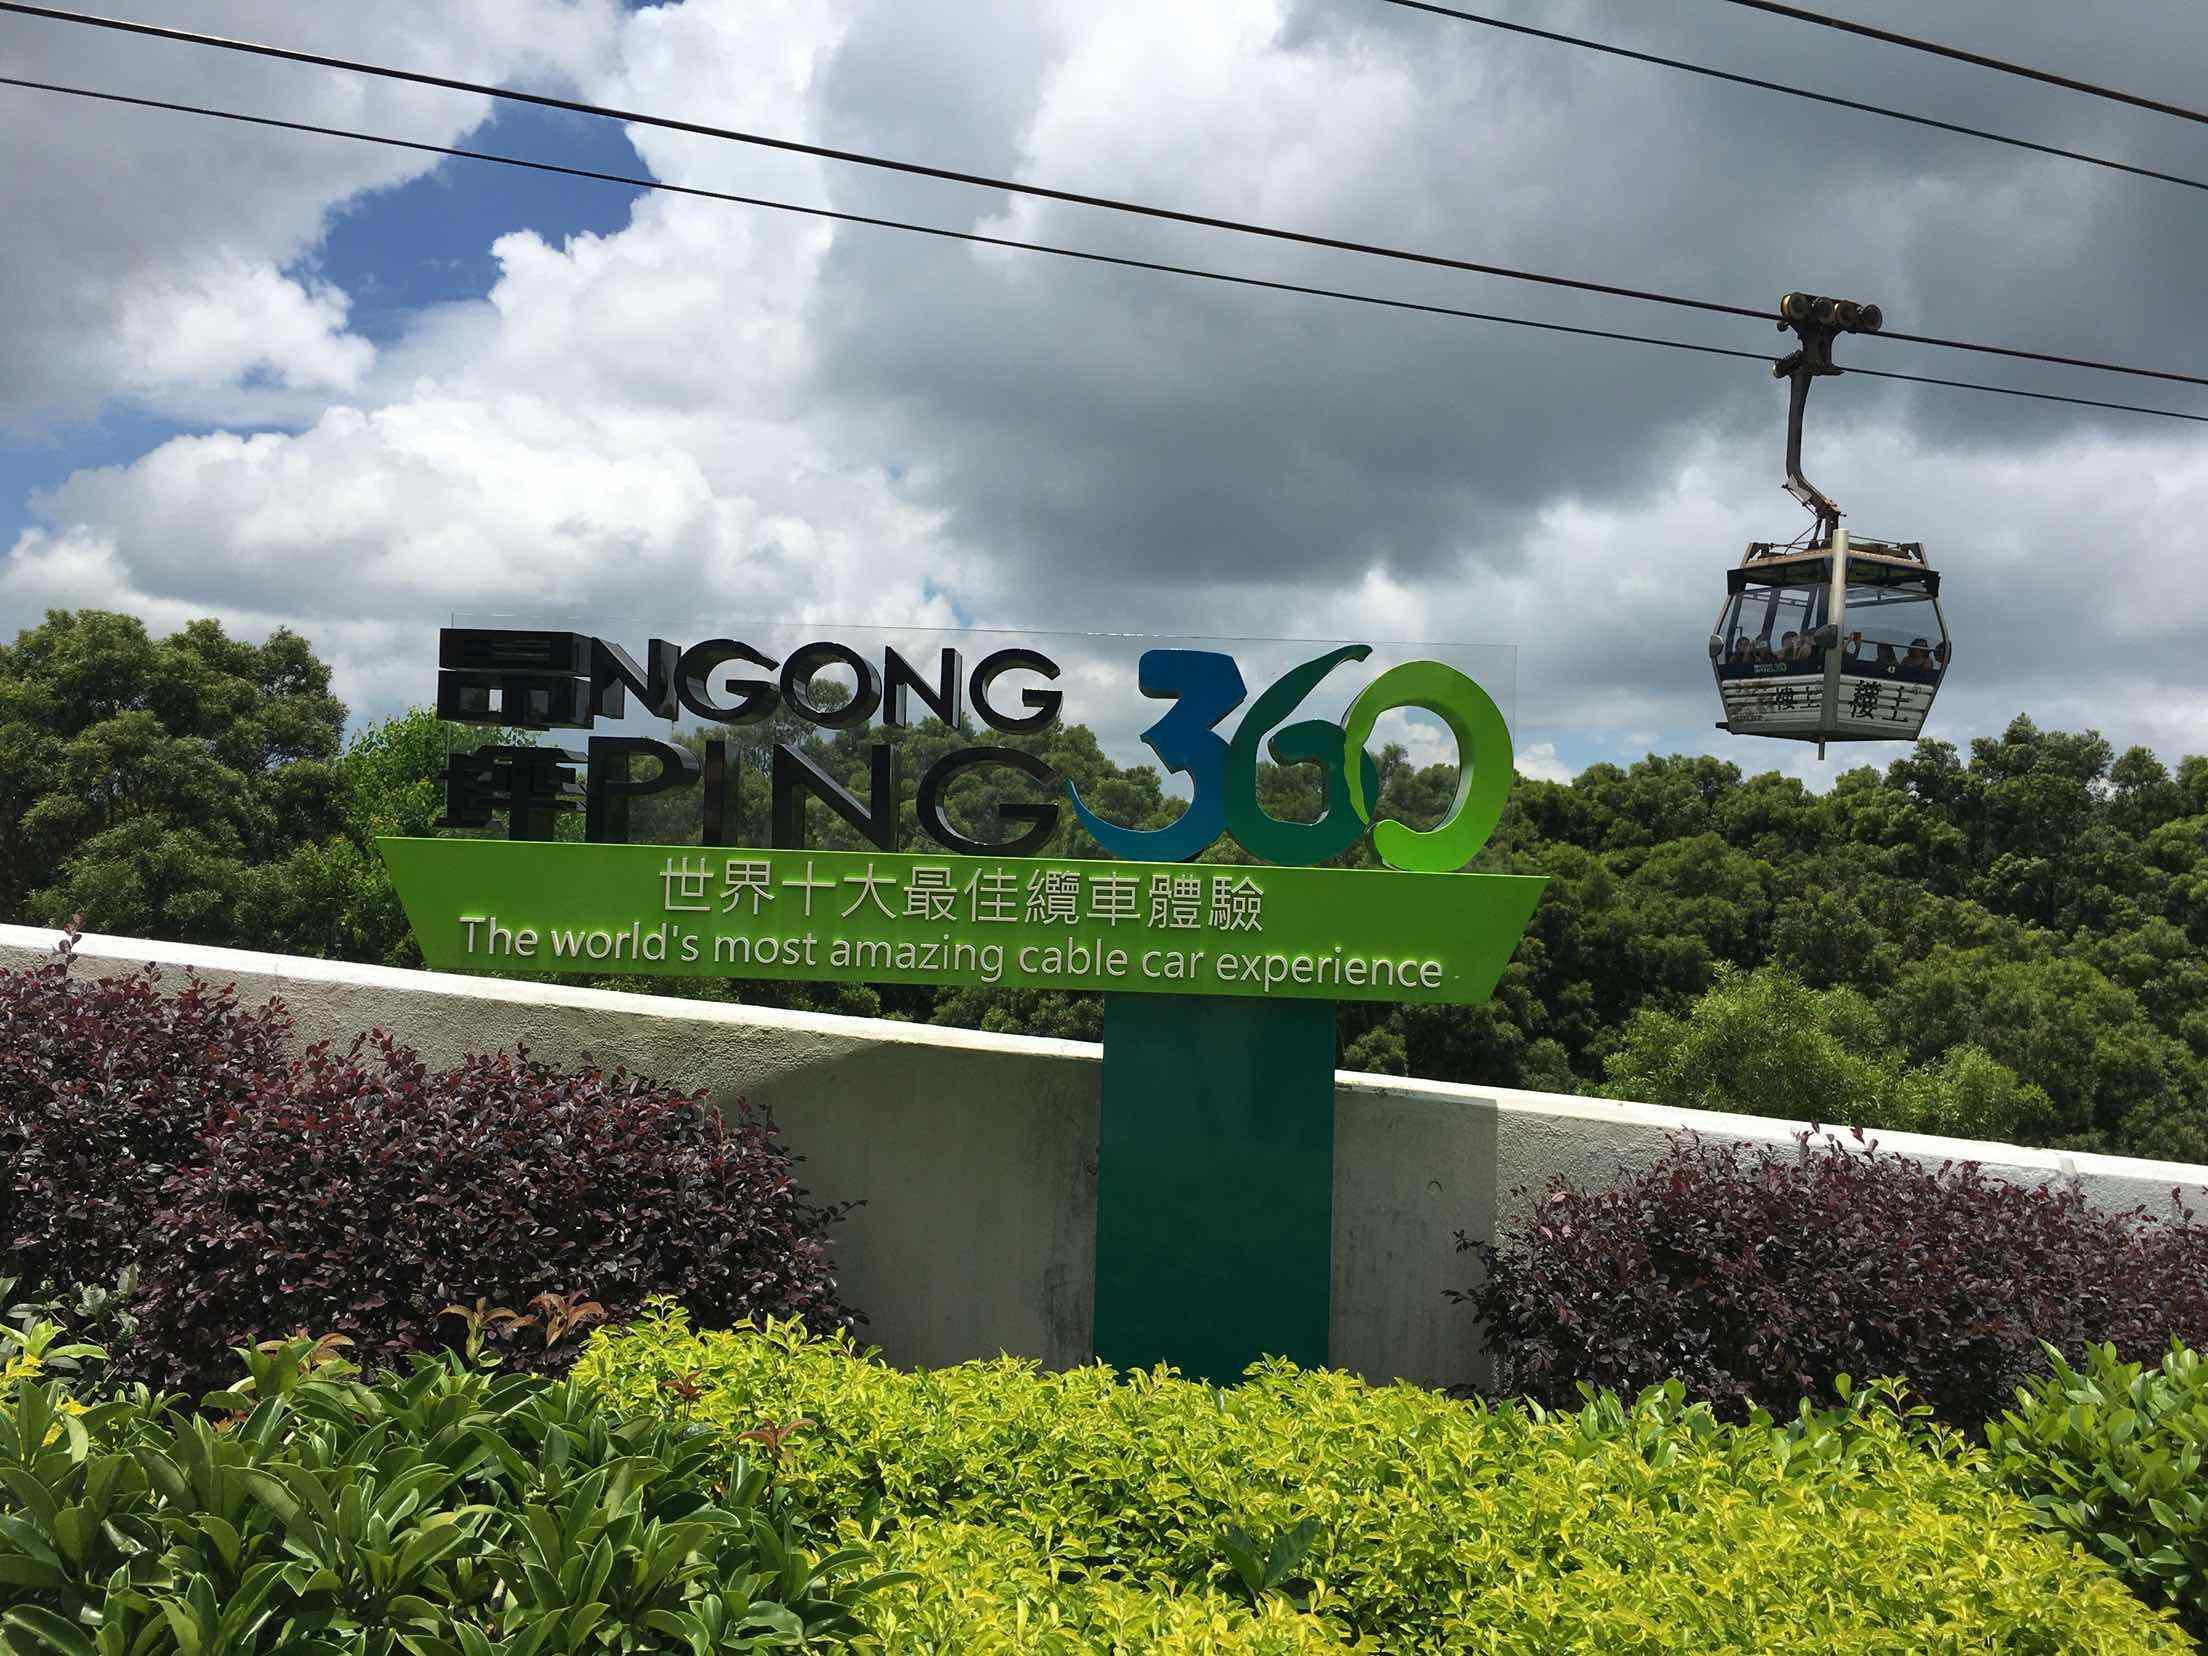 2019香港昂坪360缆车门票价格,2019香港昂坪360缆车门票优惠